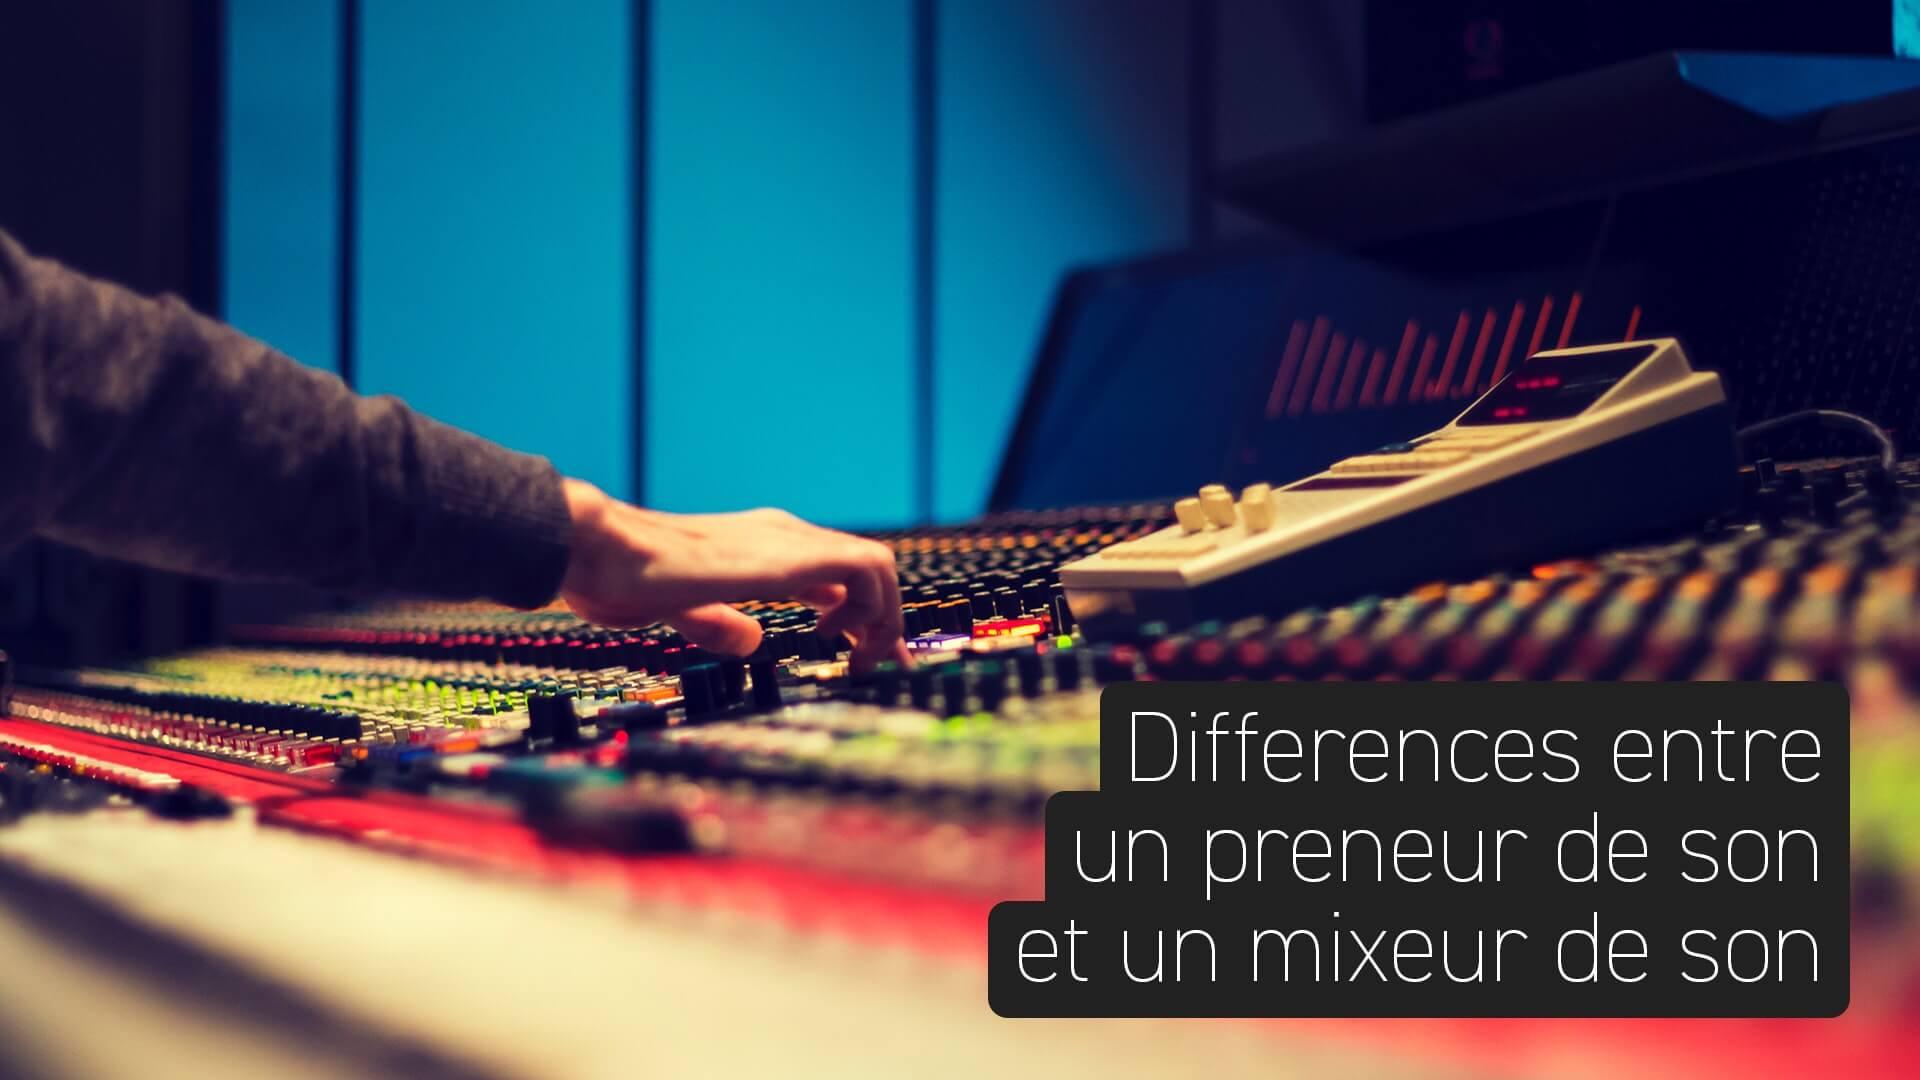 Différences entre un preneur de son et un mixeur de son